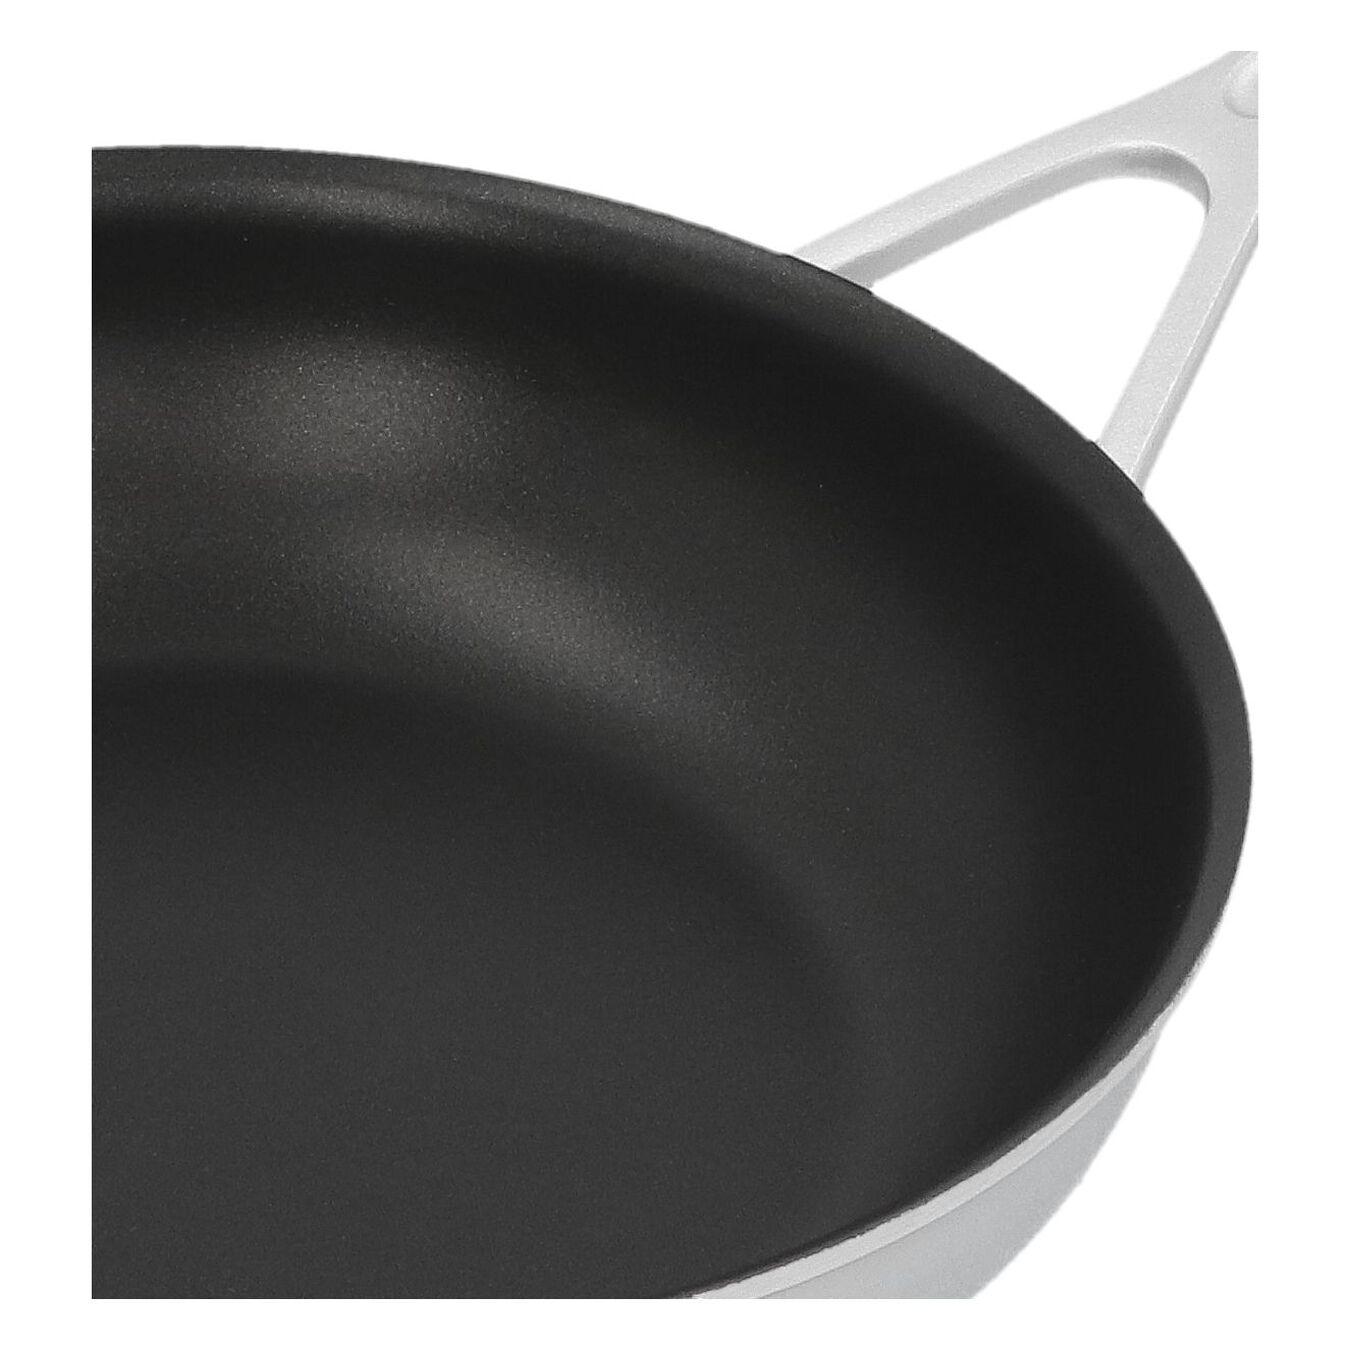 Poêle Duraslide 20 cm,,large 2